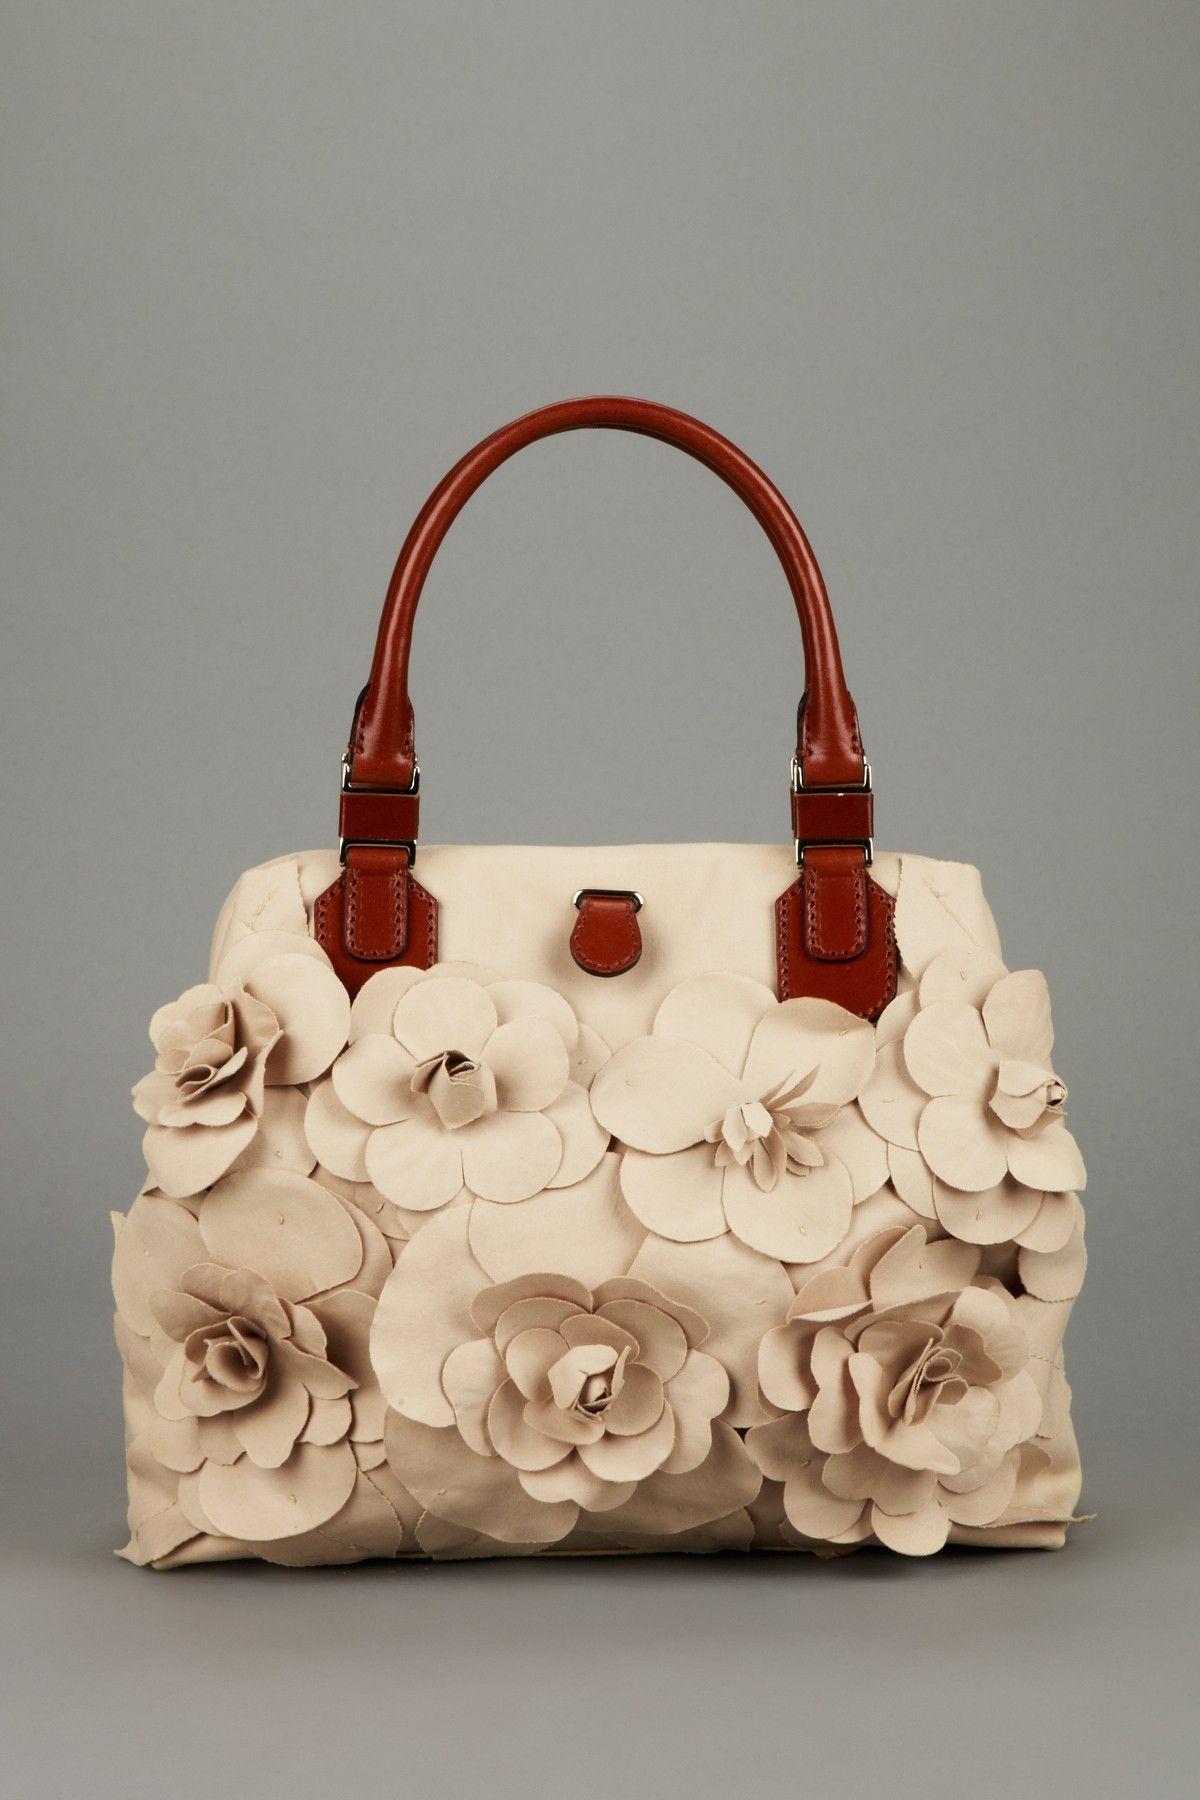 764738a8f0 Valentino Flower Applique Handbag